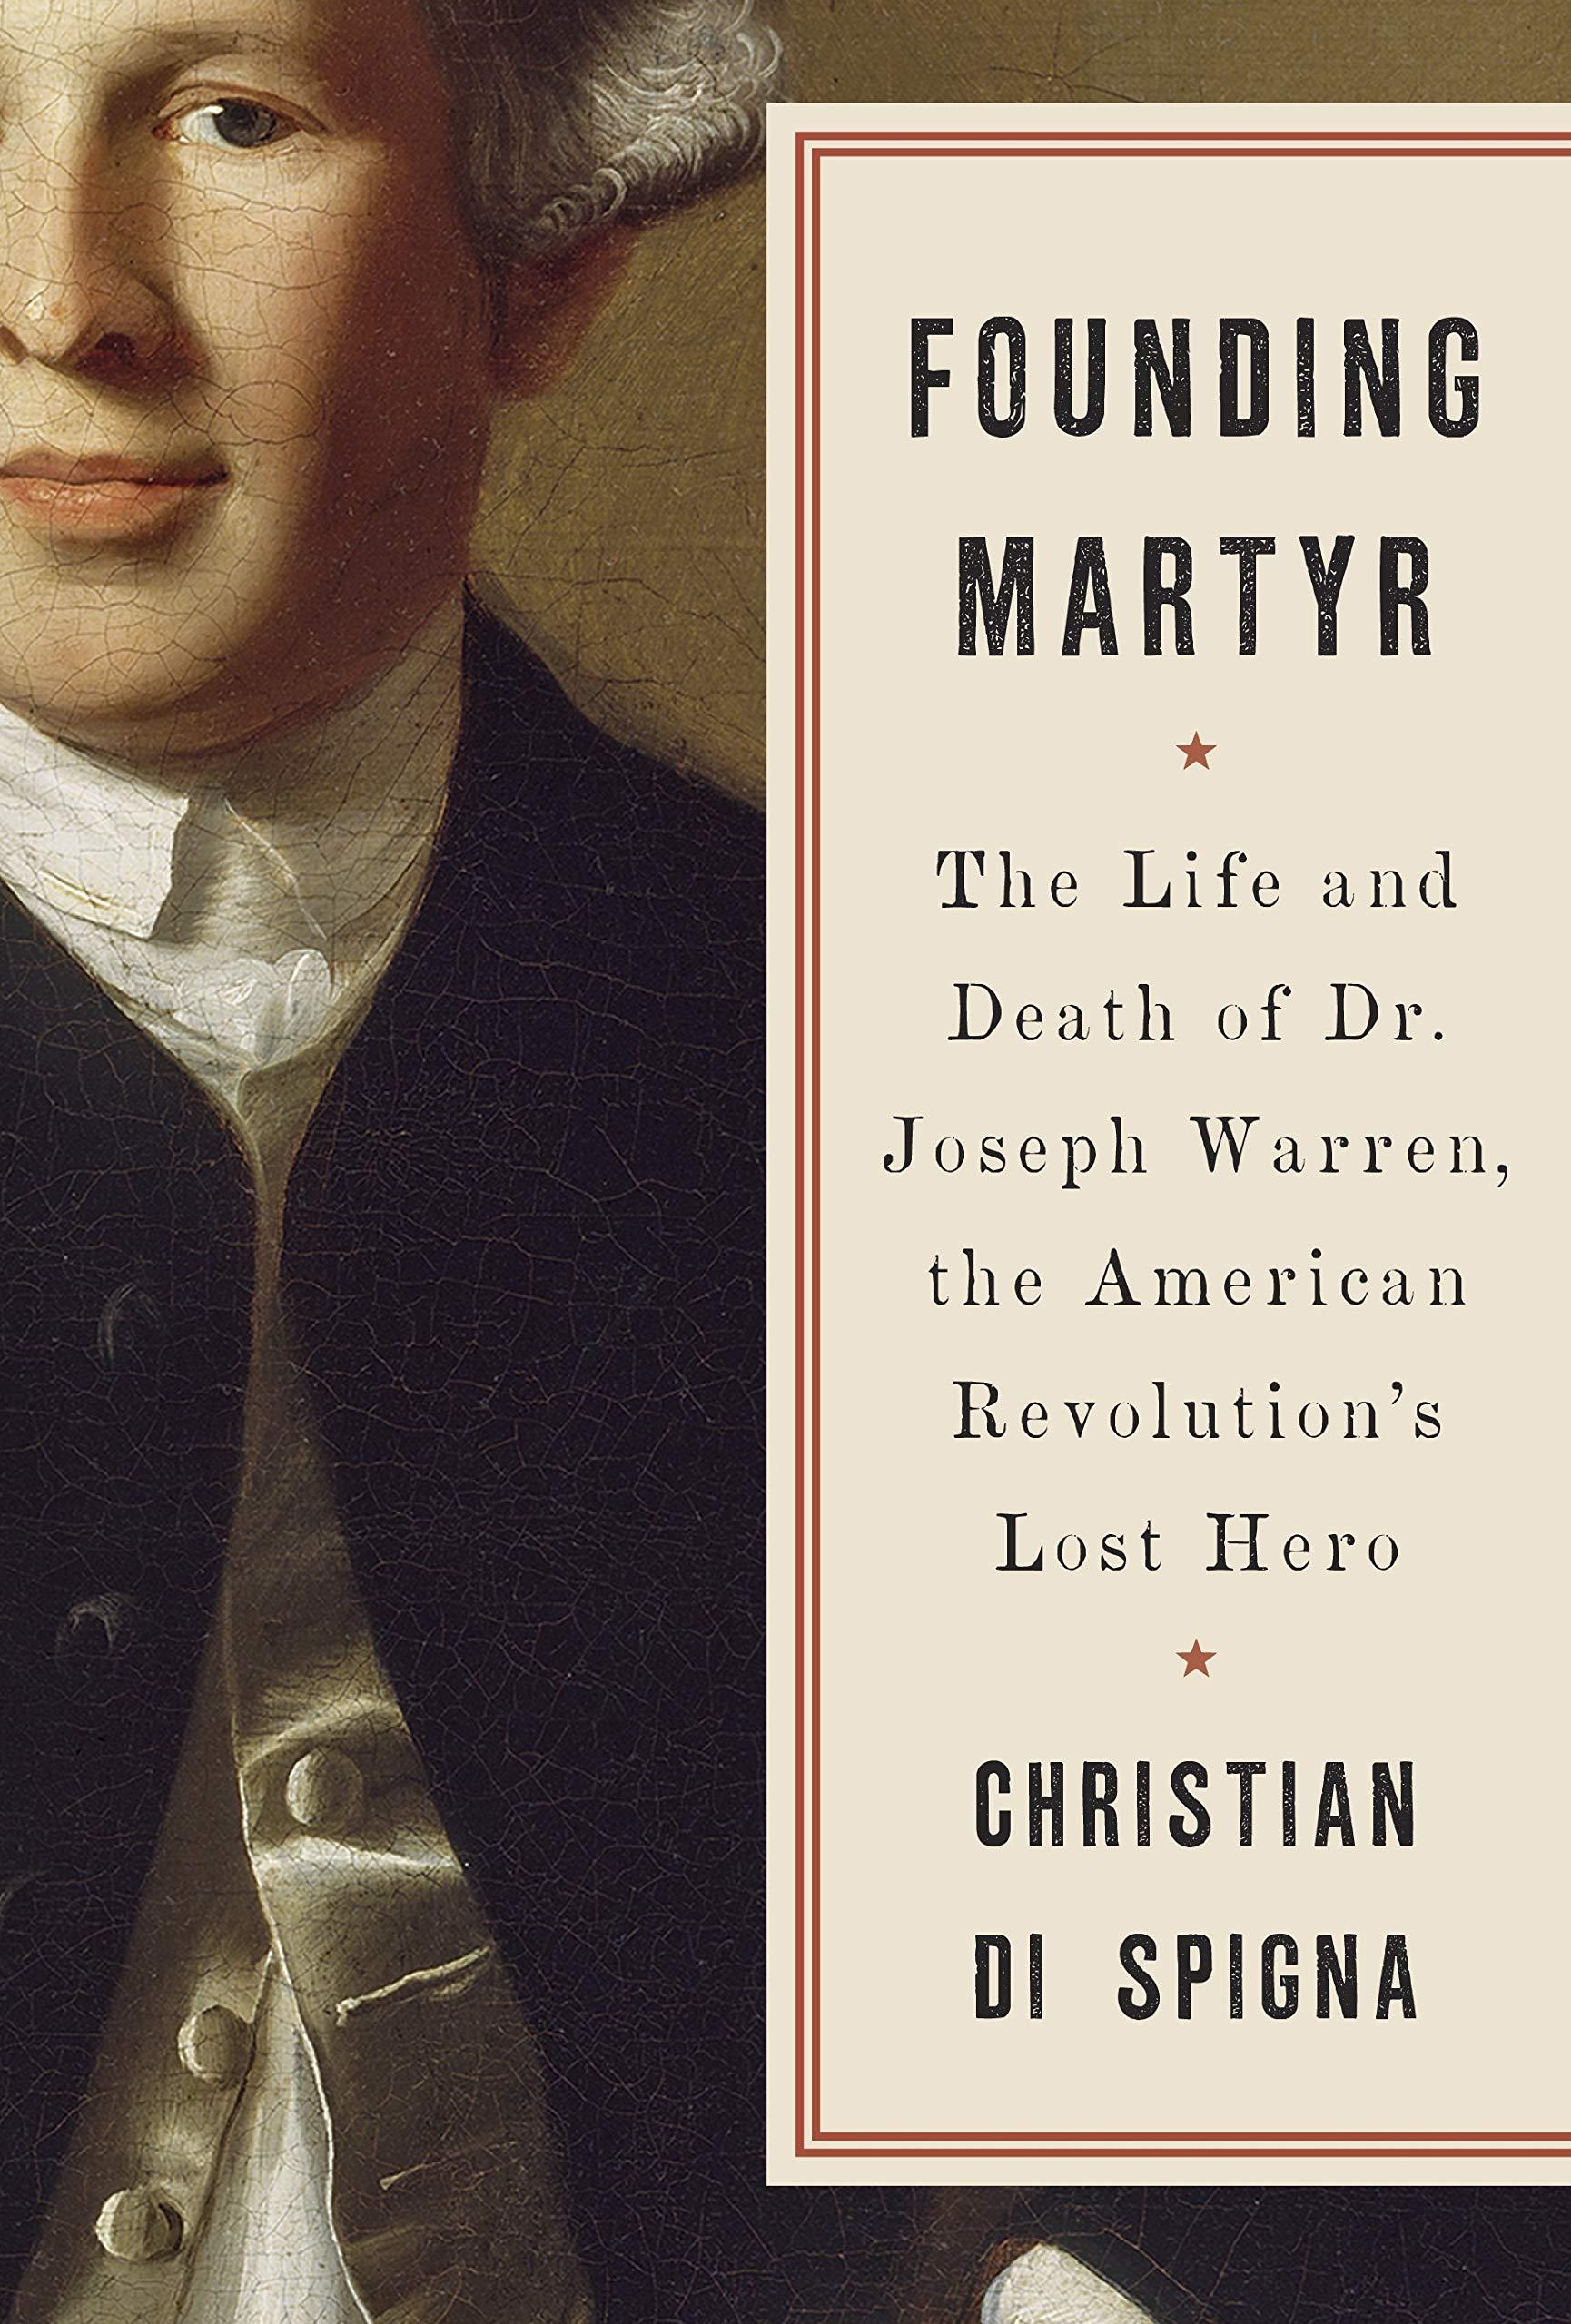 Founding Martyr.jpg